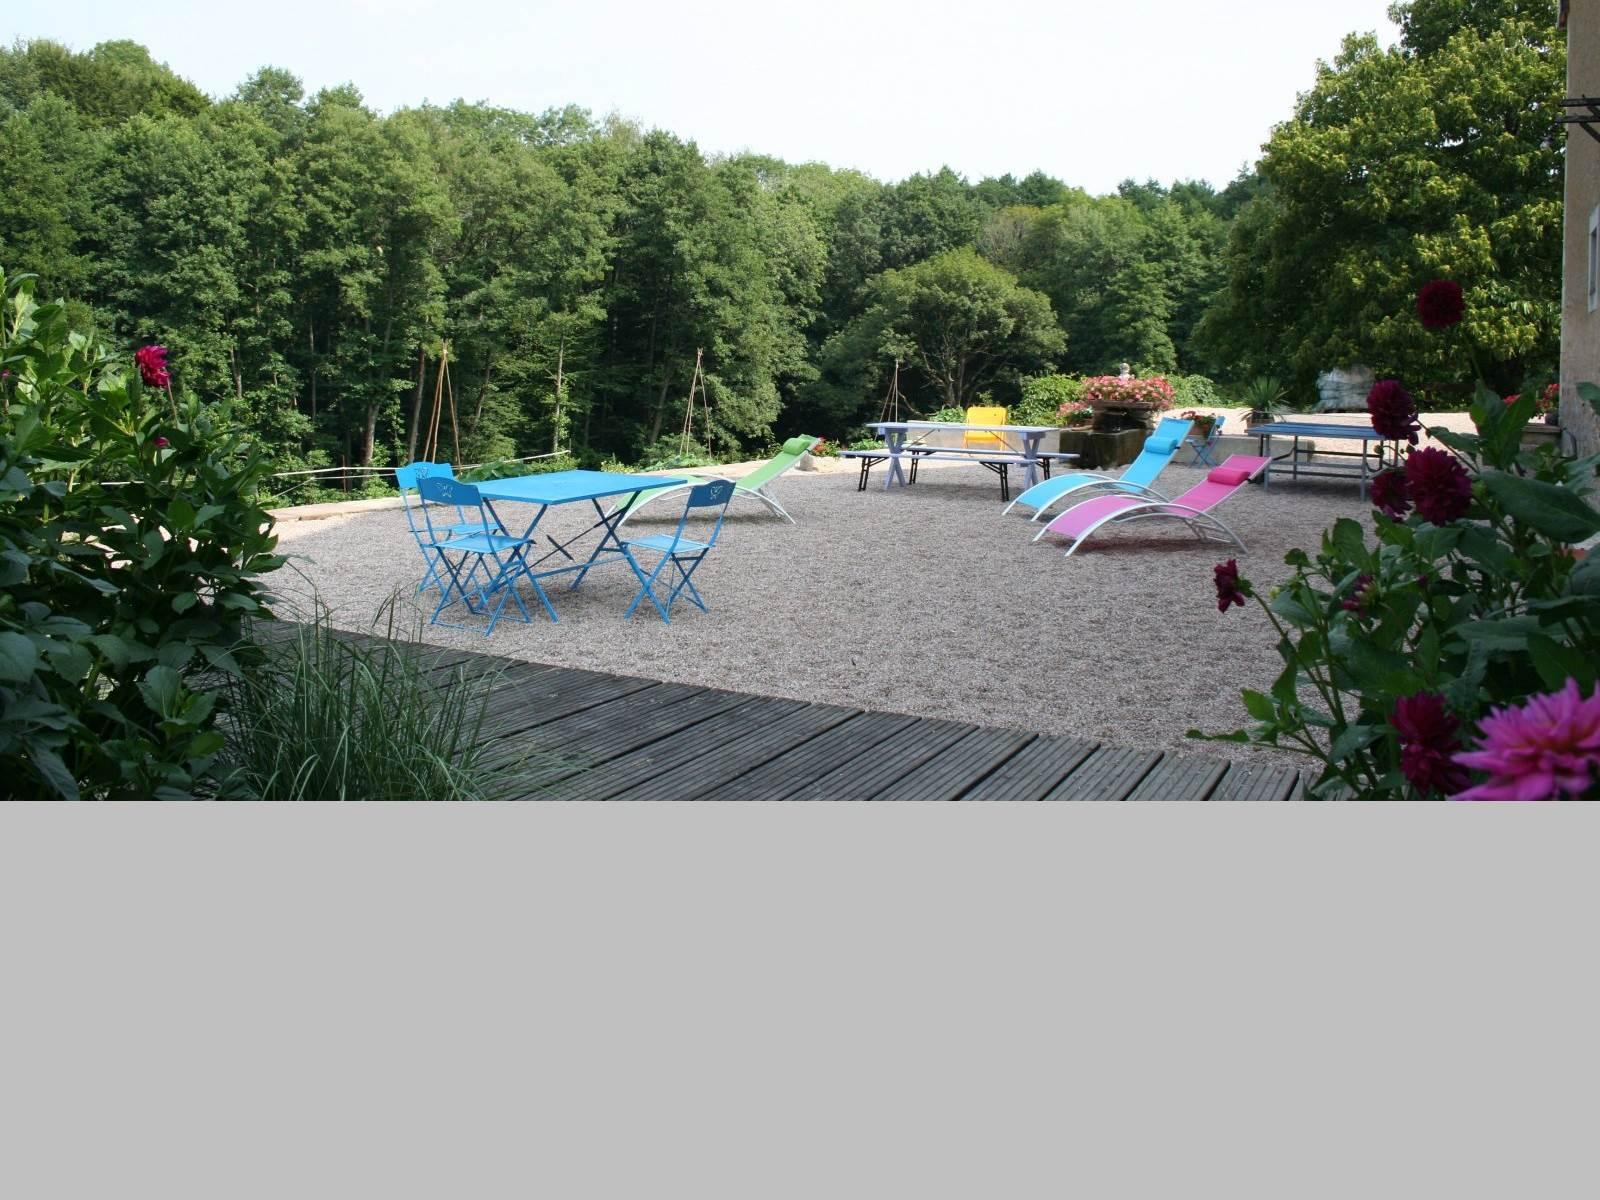 La terrasse avec salon de jardin, chaise longues, fontaine